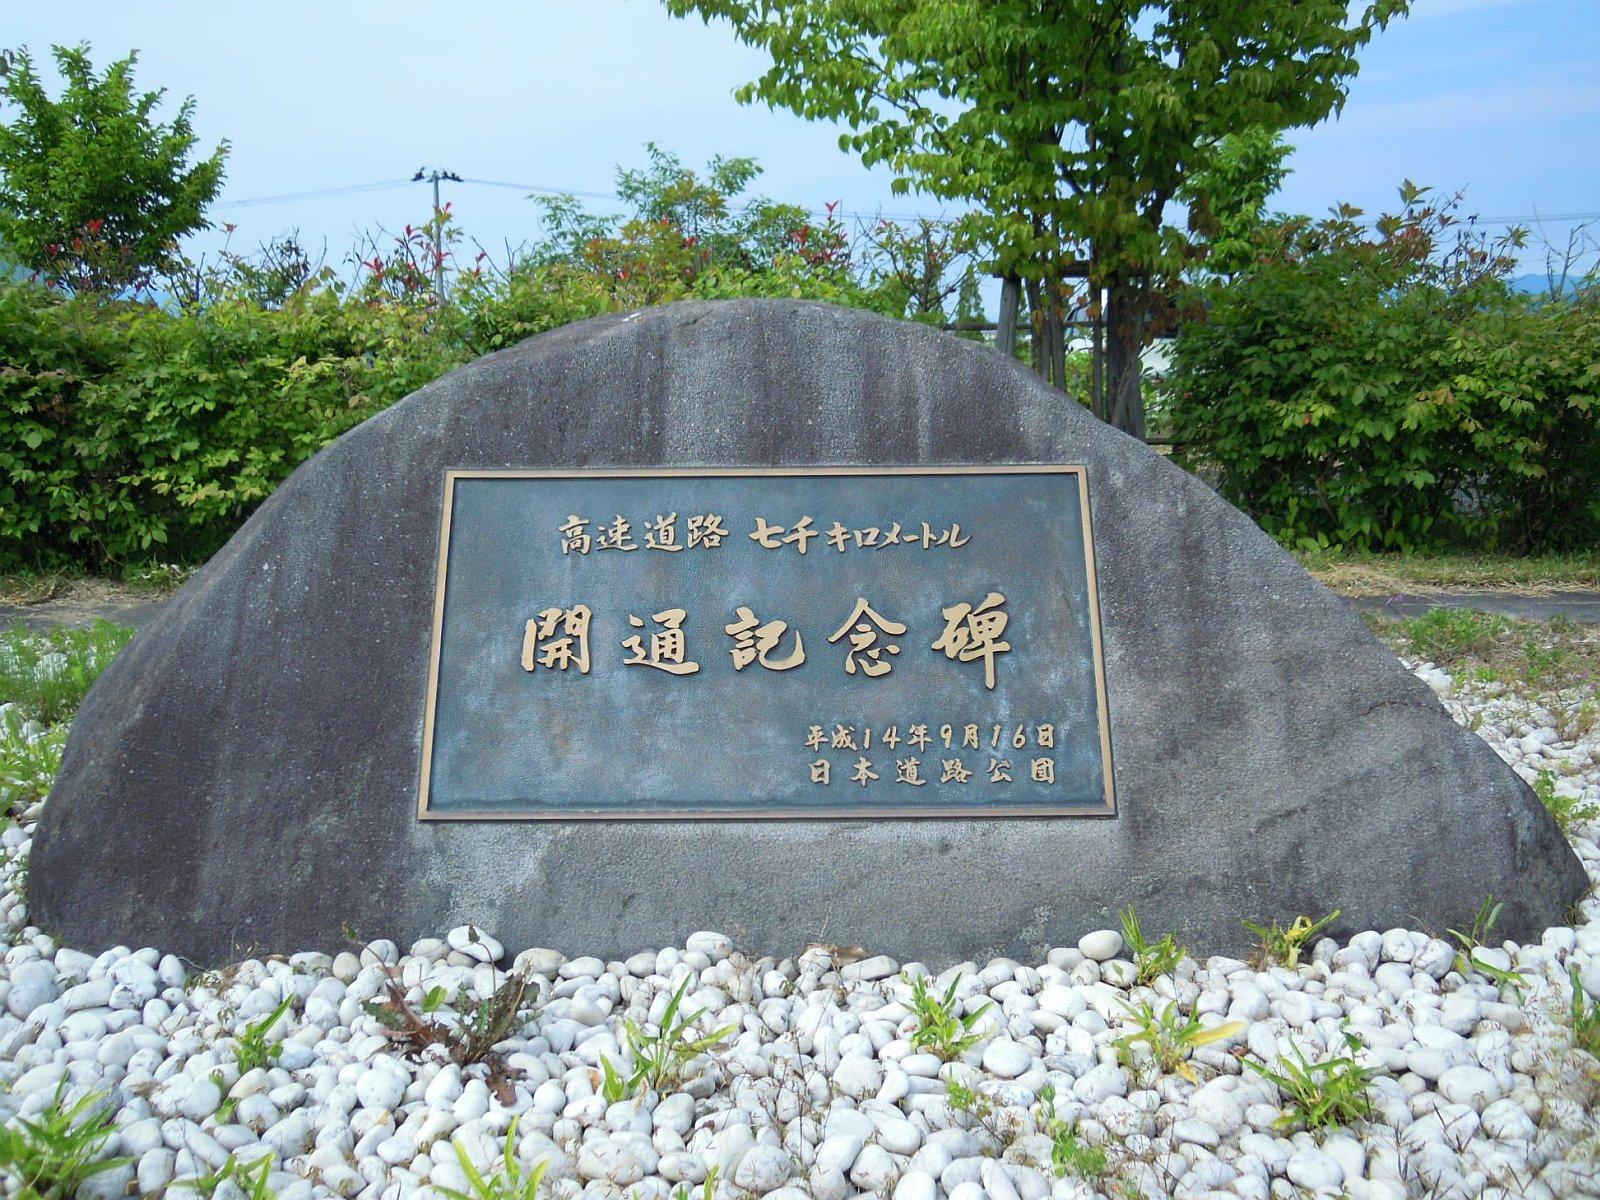 https://upload.wikimedia.org/wikipedia/commons/3/3d/Yamagata-Chuo_IC_7000km_120630.jpg